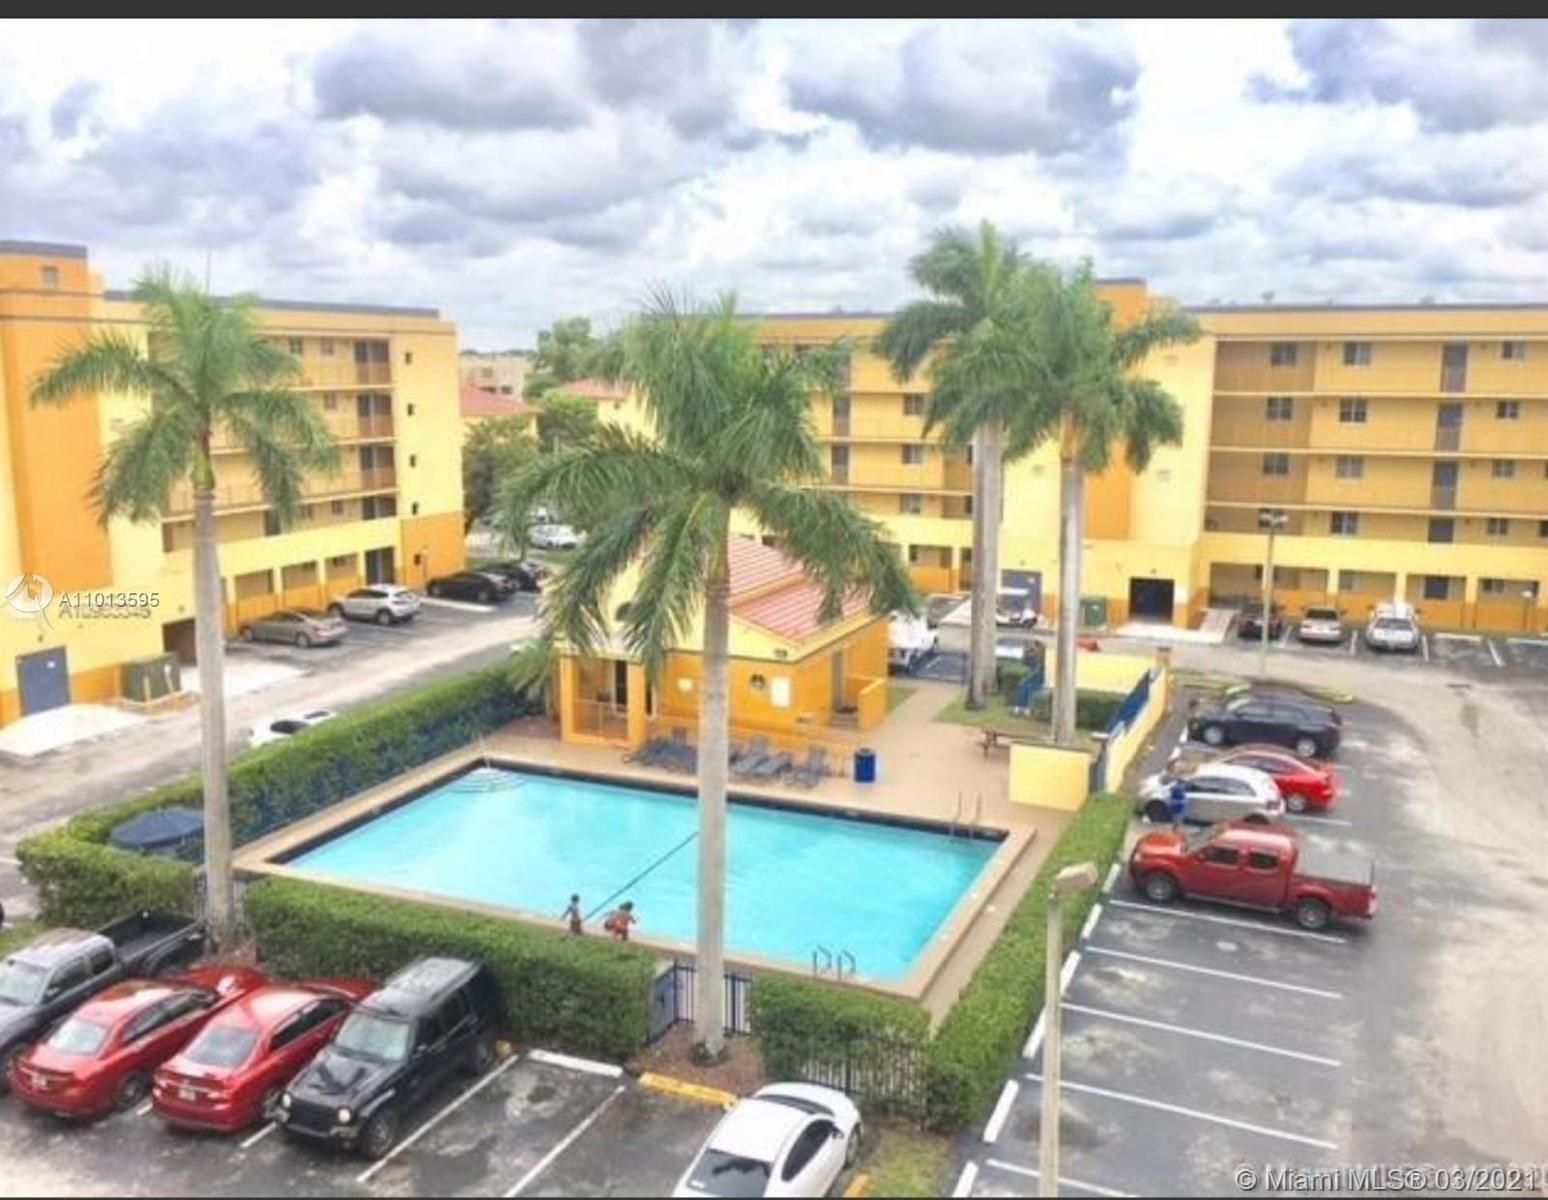 14901 SW 82 #1–208, Miami, FL 33193 - #: A11013595